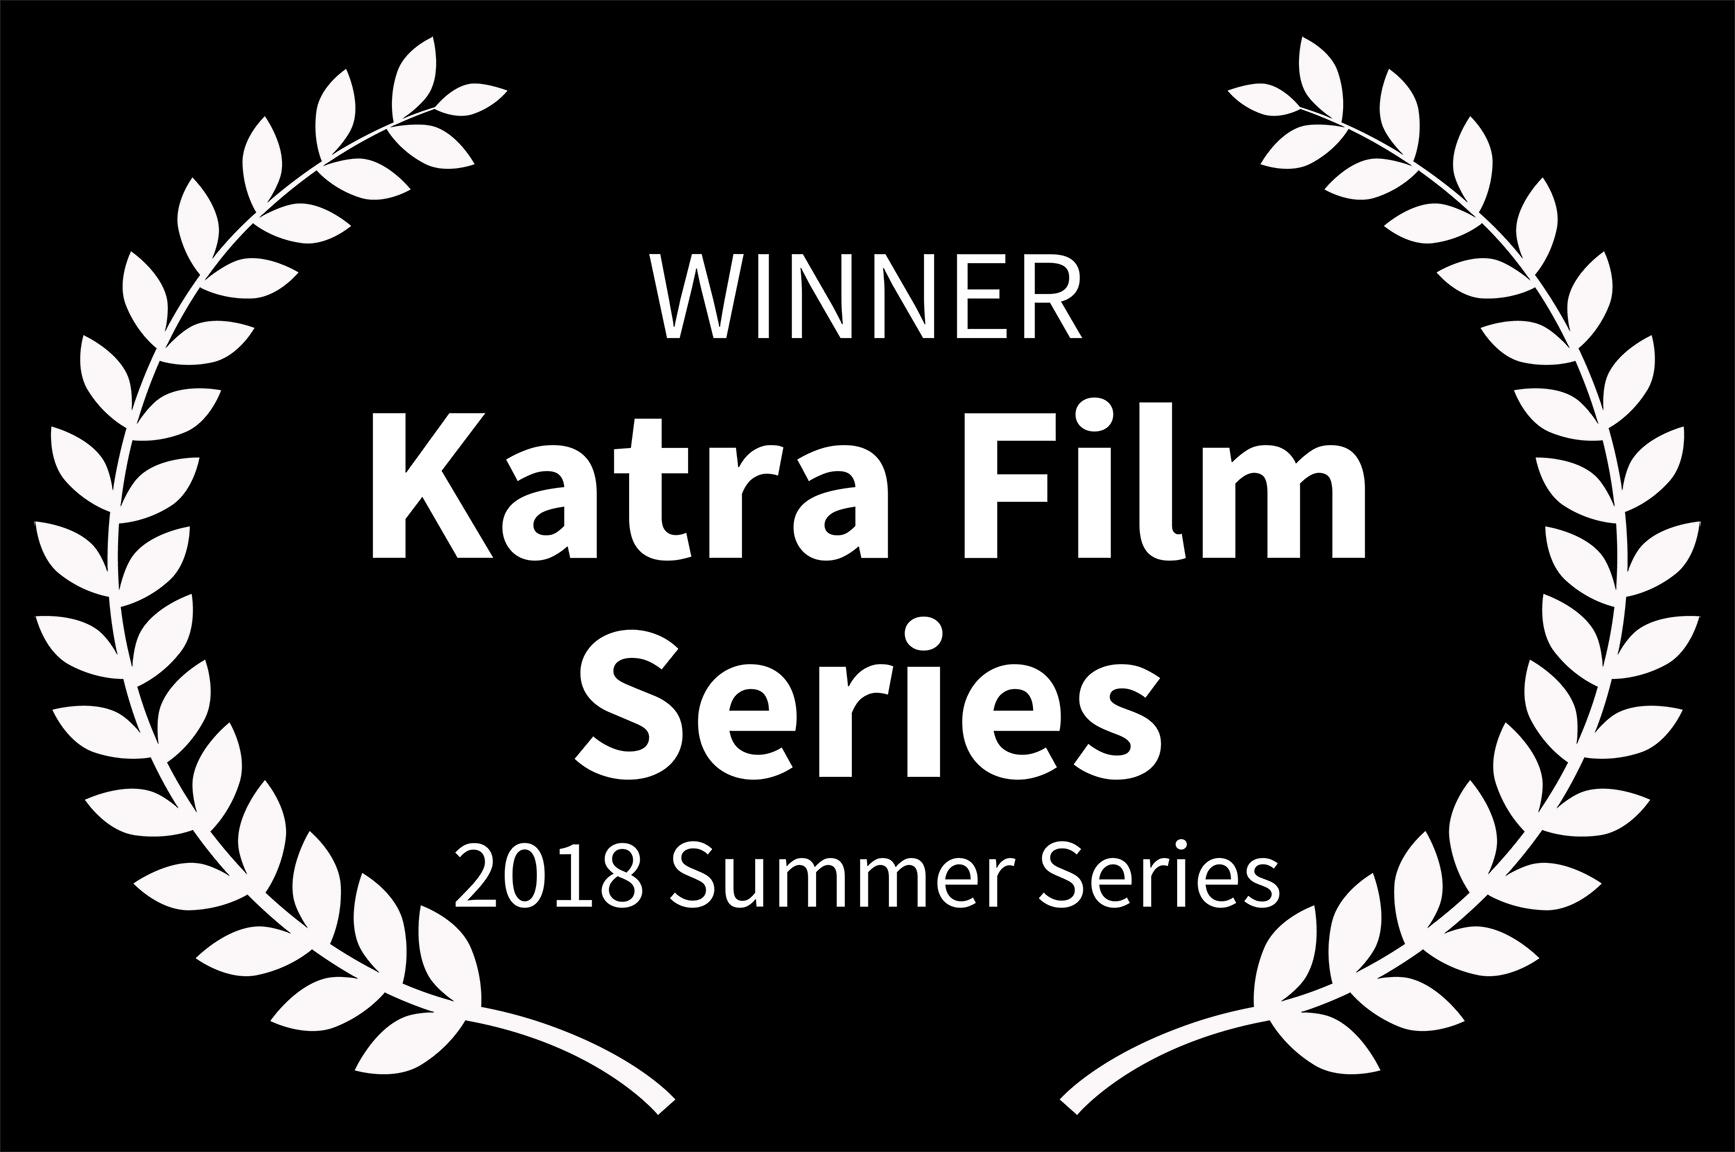 WINNER-KatraFilmSeries-2018SummerSeries-white.jpg